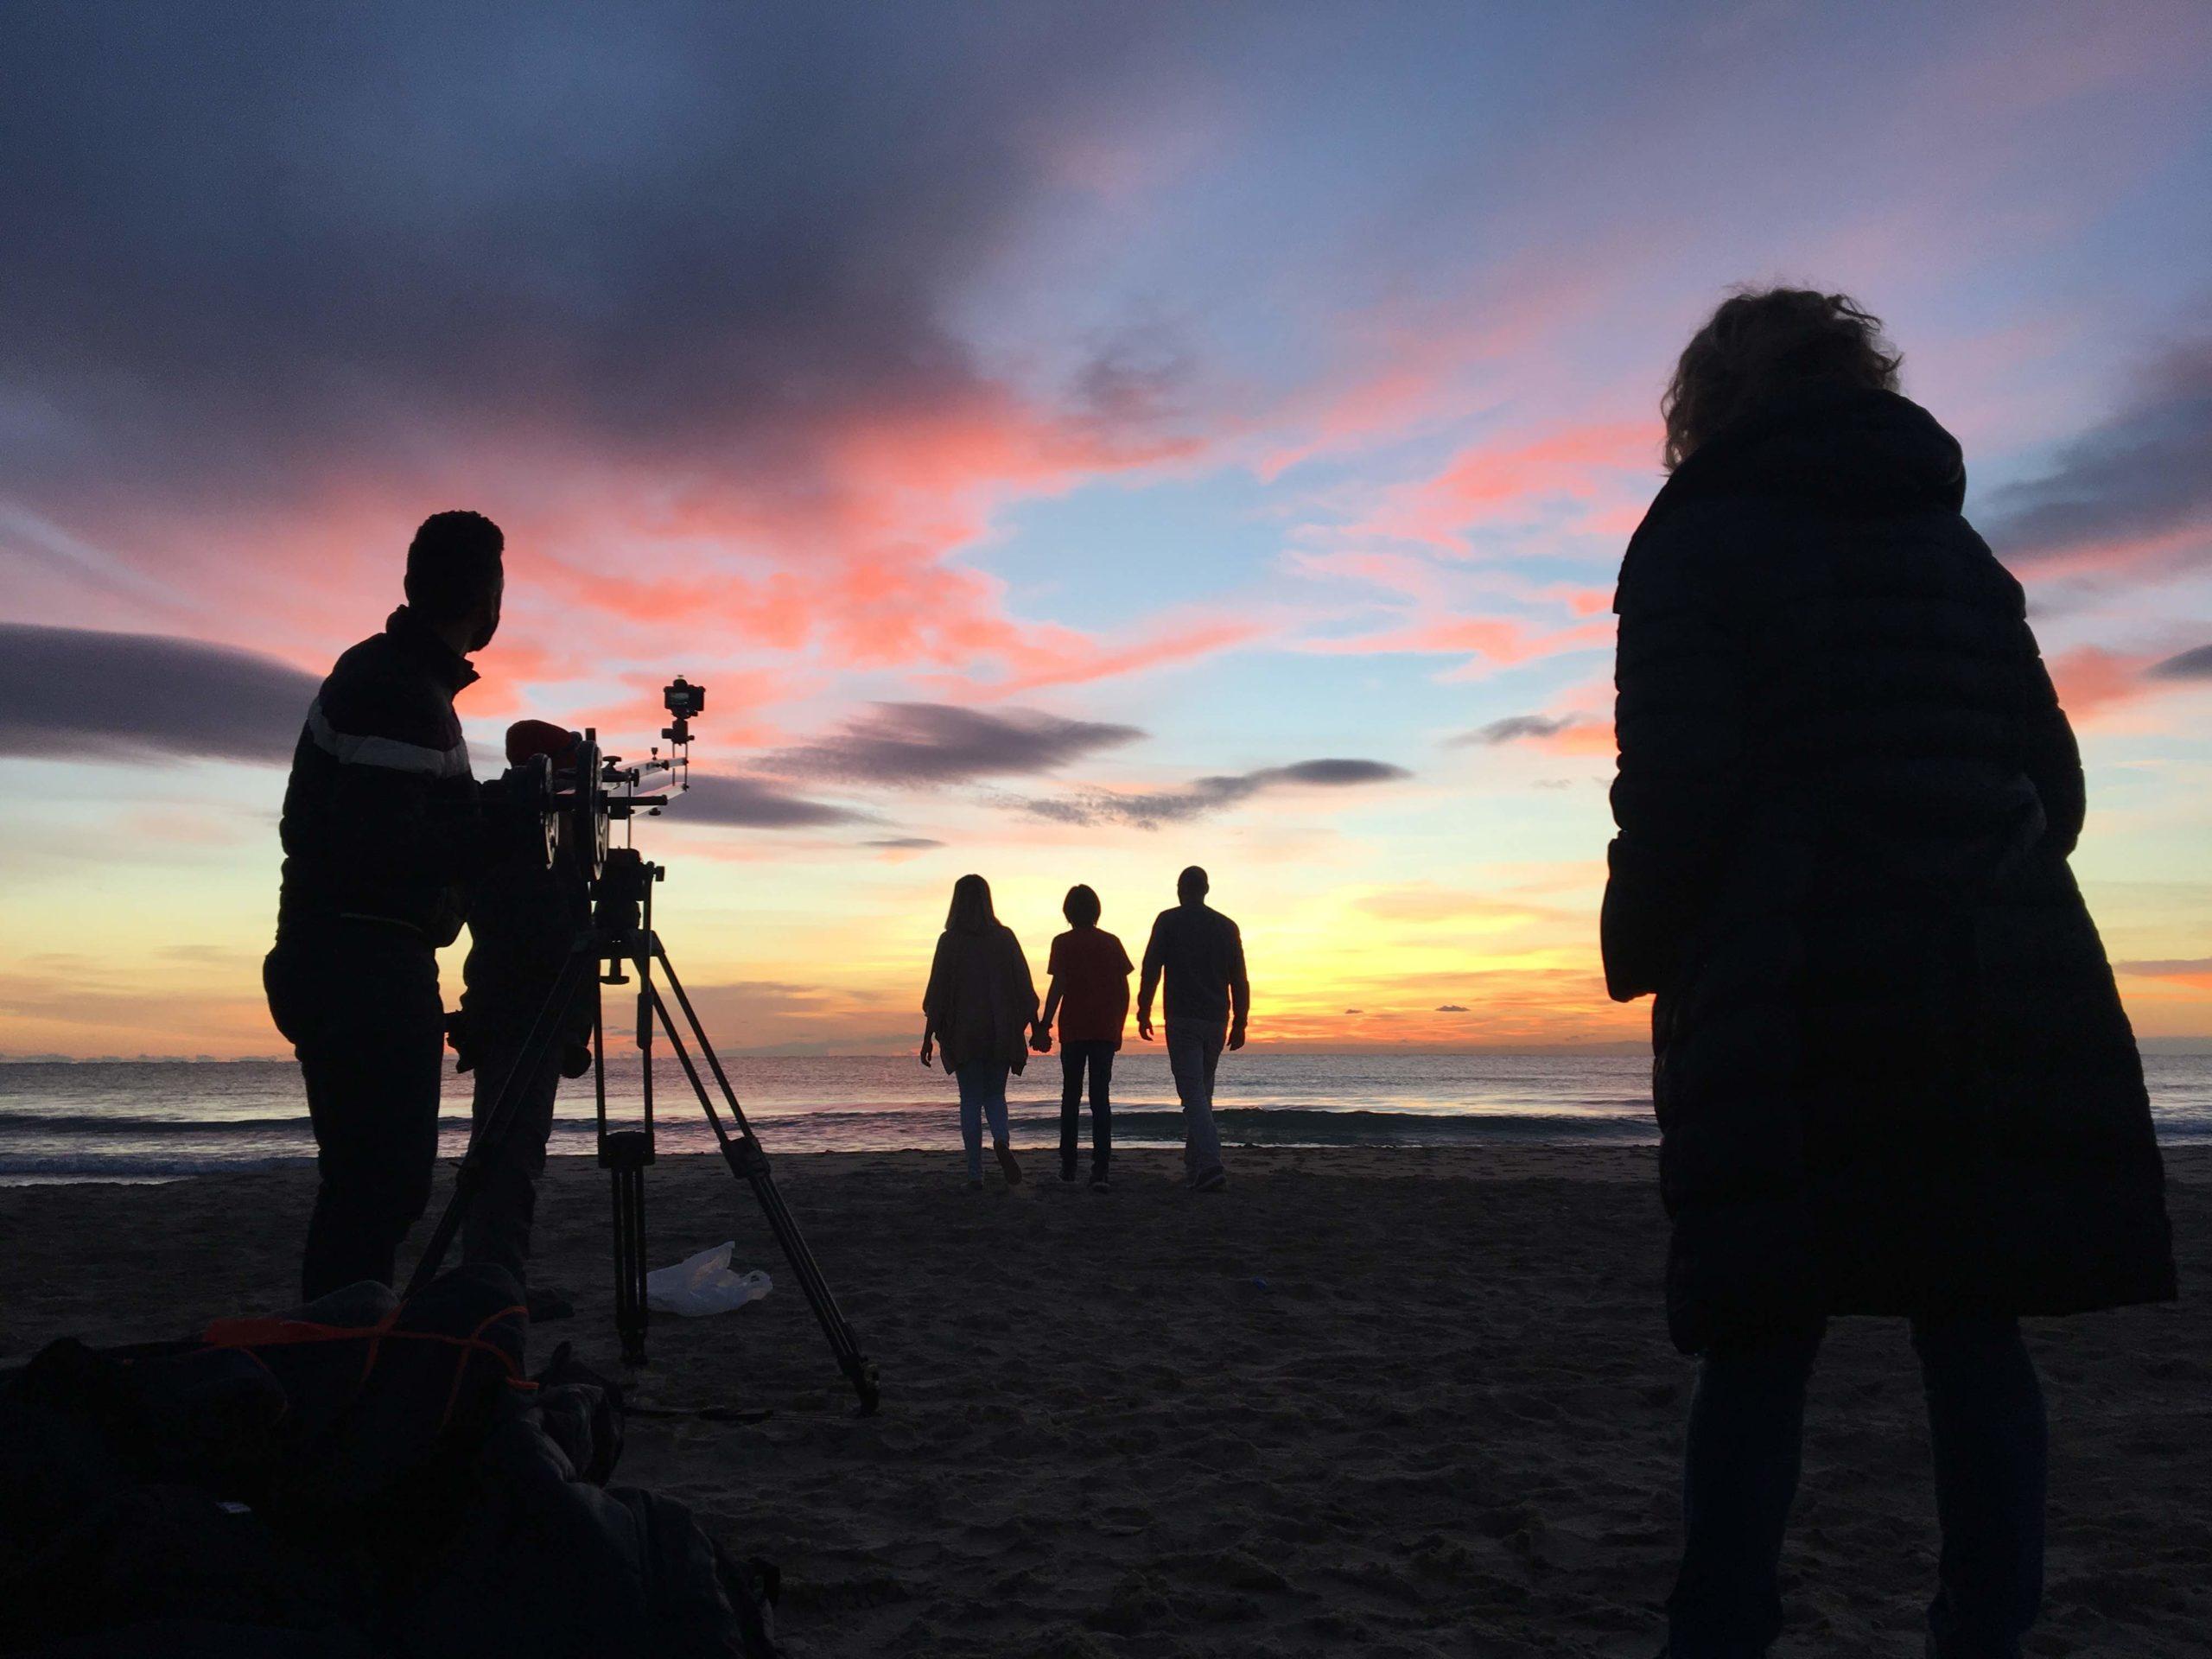 La Universidad de Alicante proyecta el documental sobre gastronomía 'Alicante. Herencia Mediterránea' de la Diputación